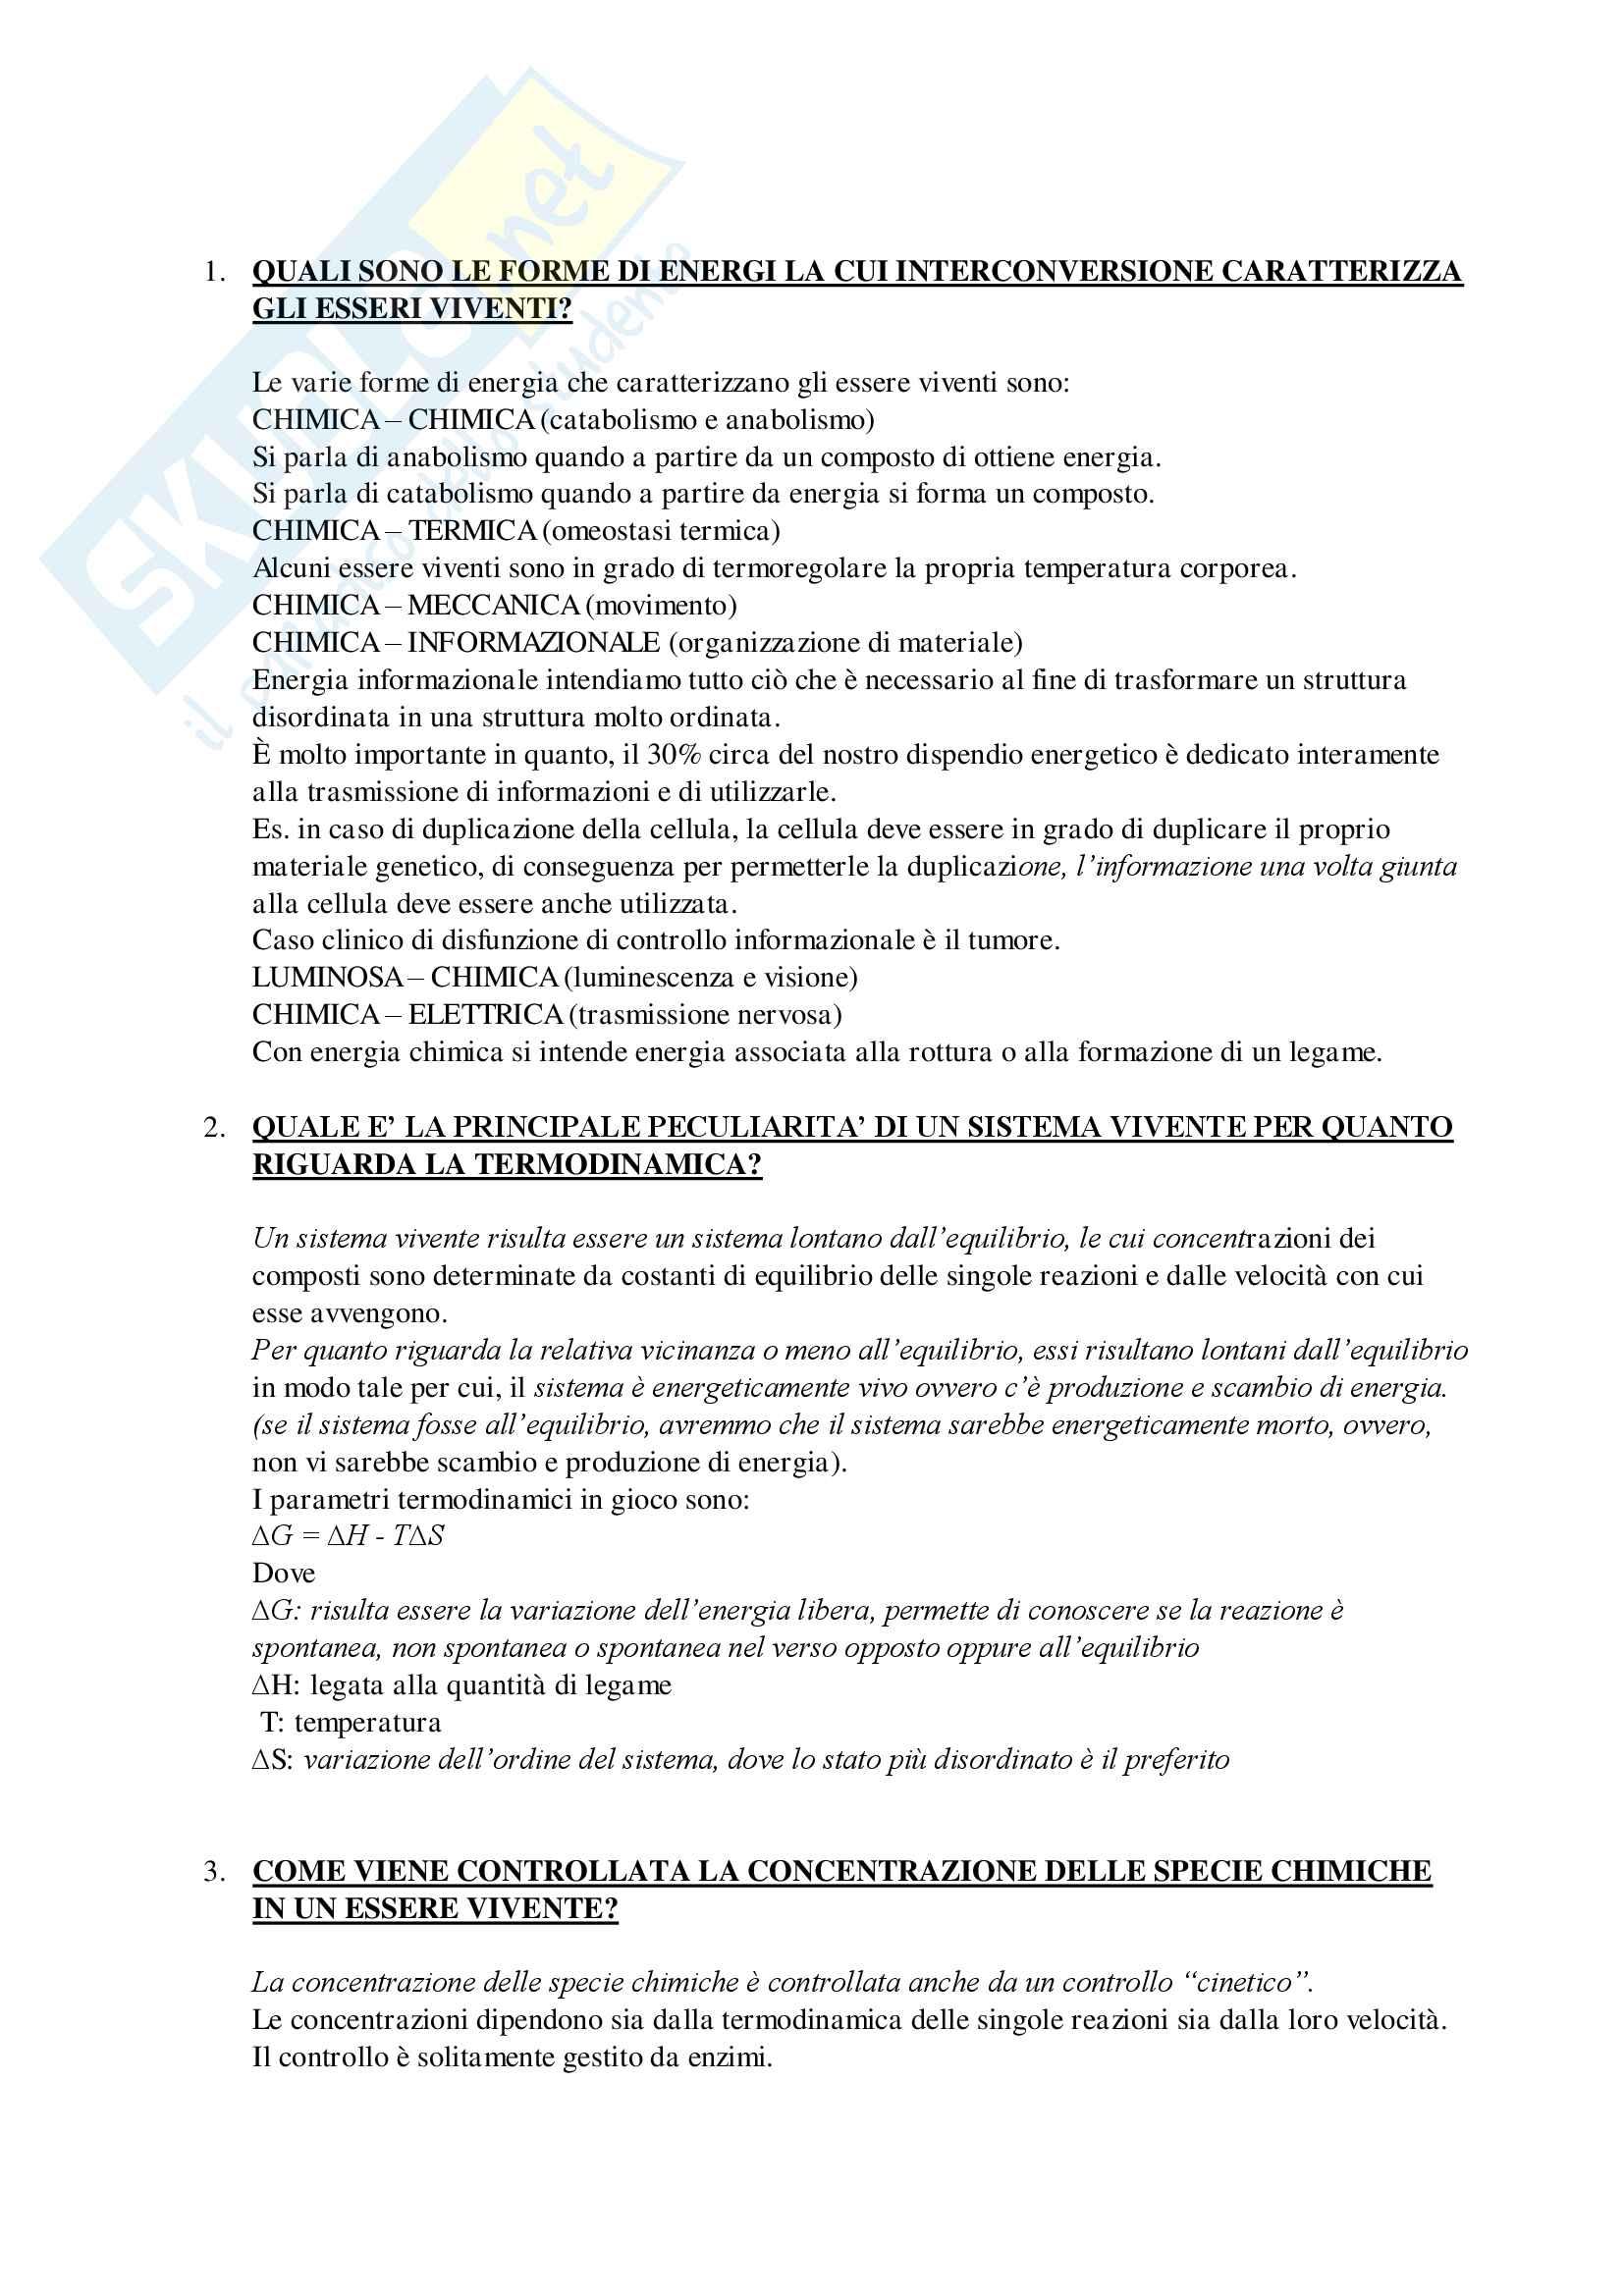 Domande e Risposte Esame Biochimica Generale Mod.1 Primo Parziale Pag. 2